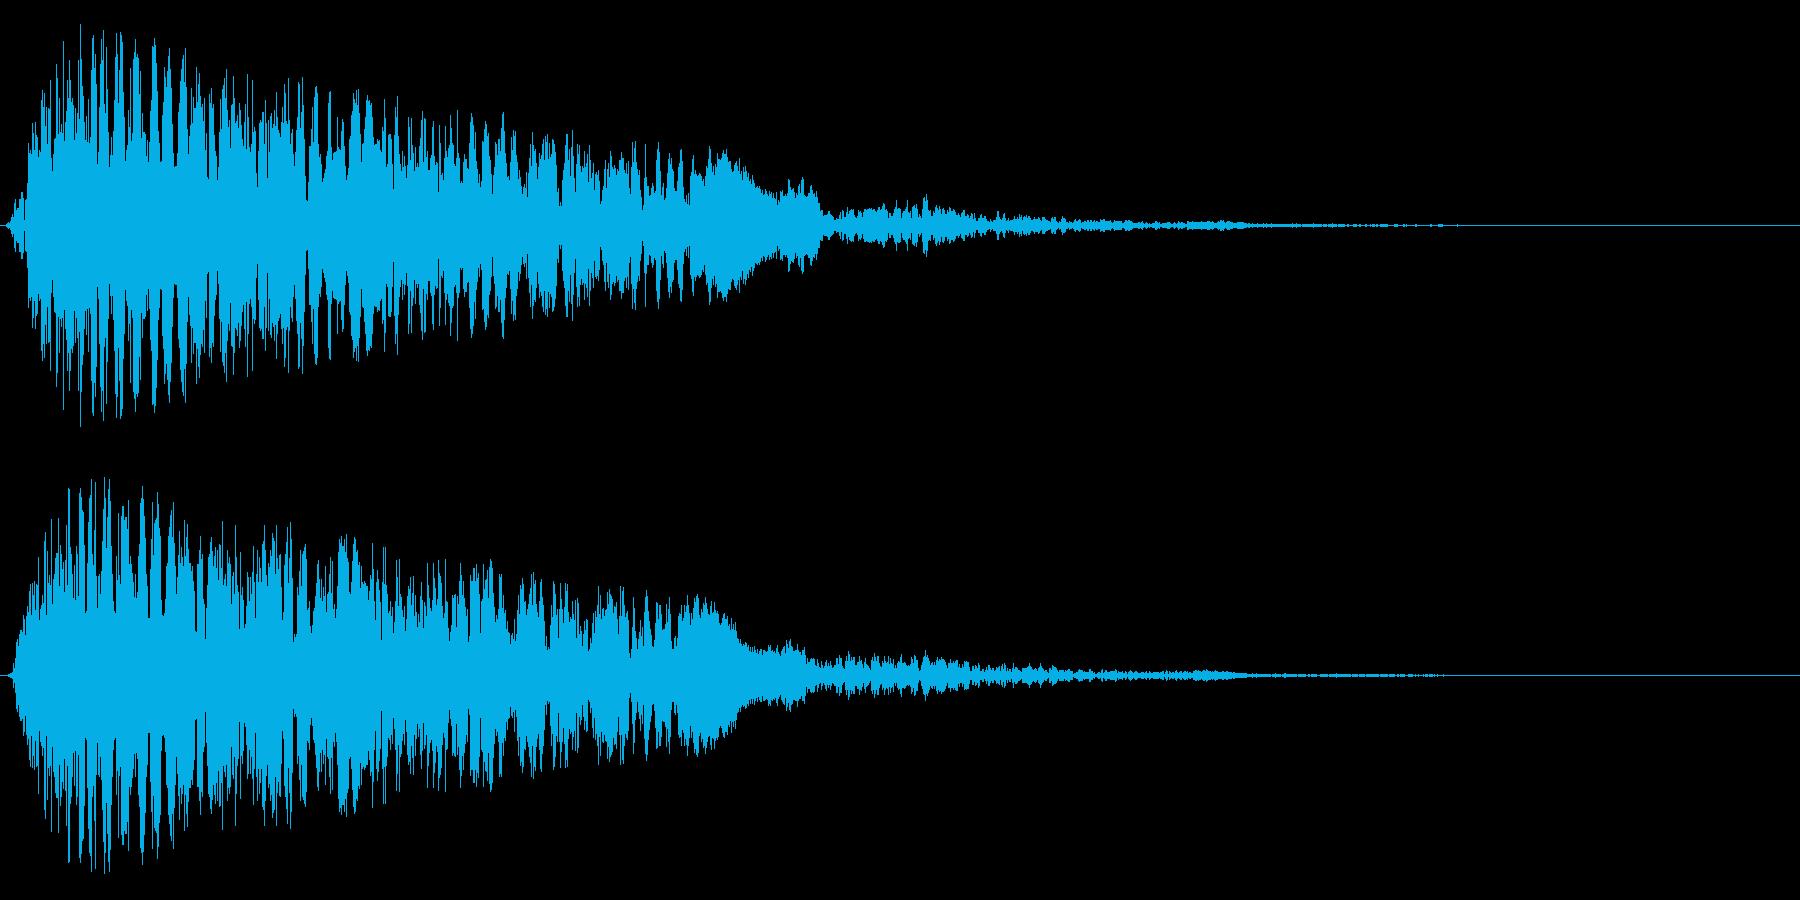 プワプワプワ(サイレンのような効果音)の再生済みの波形